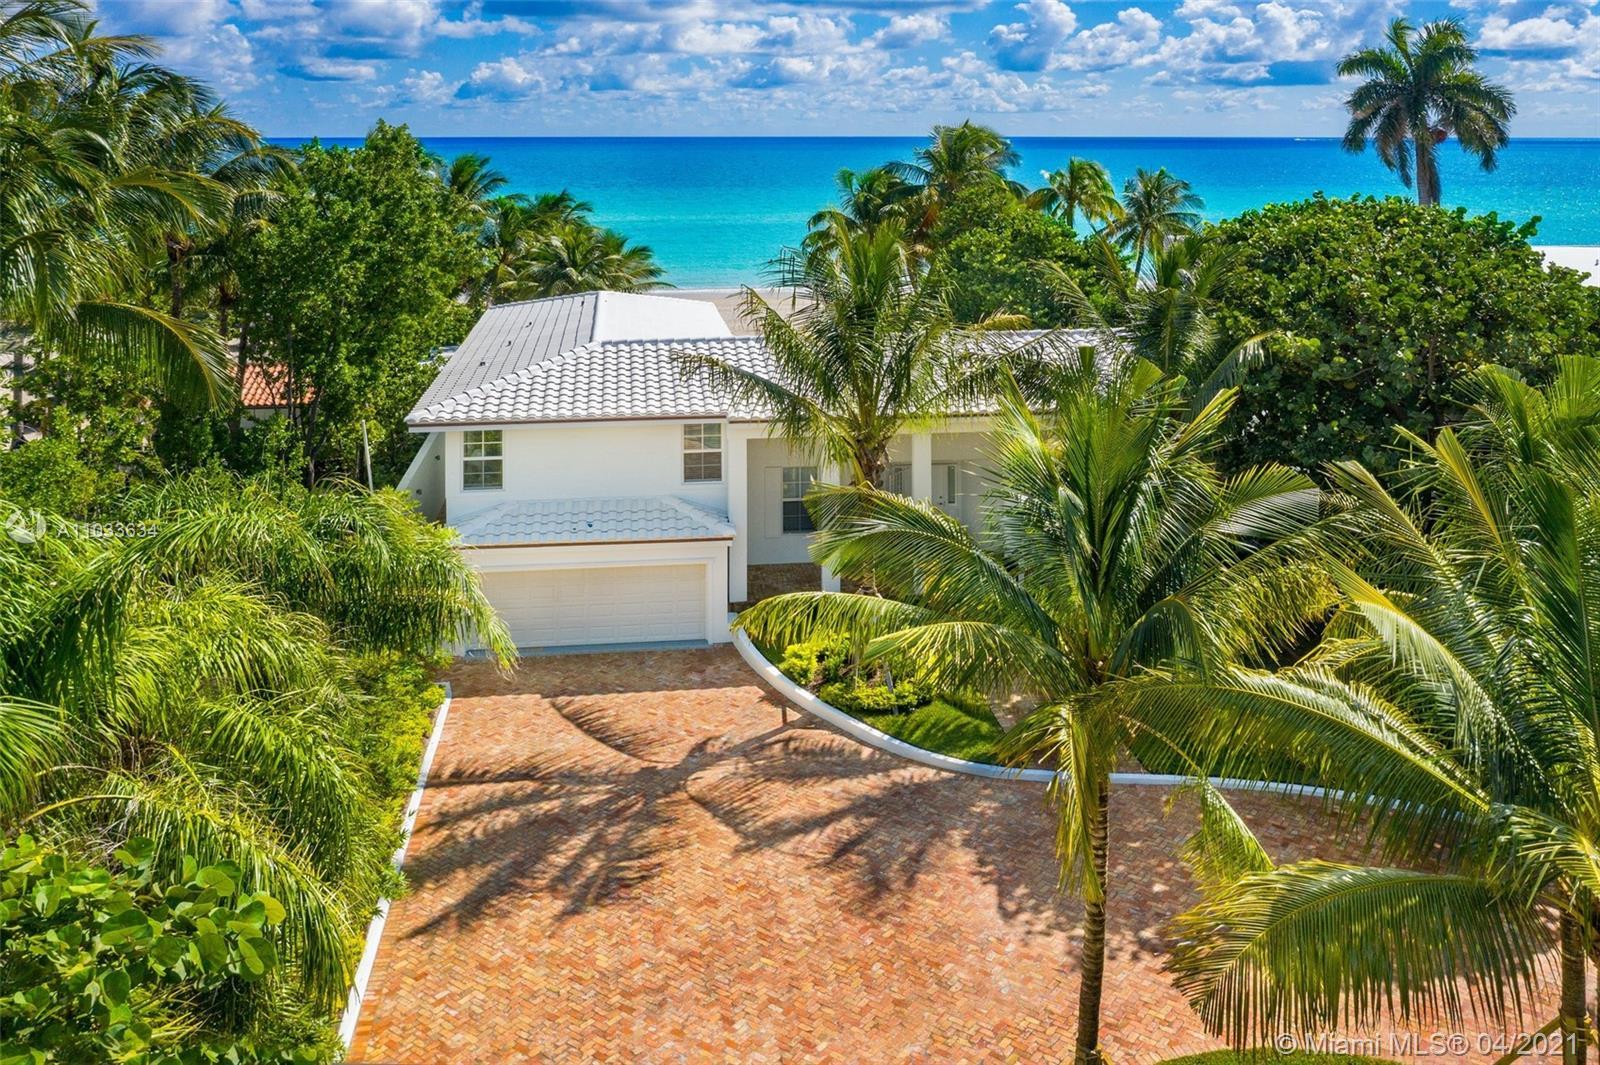 Golden Beach - 399 Ocean Blvd, Golden Beach, FL 33160